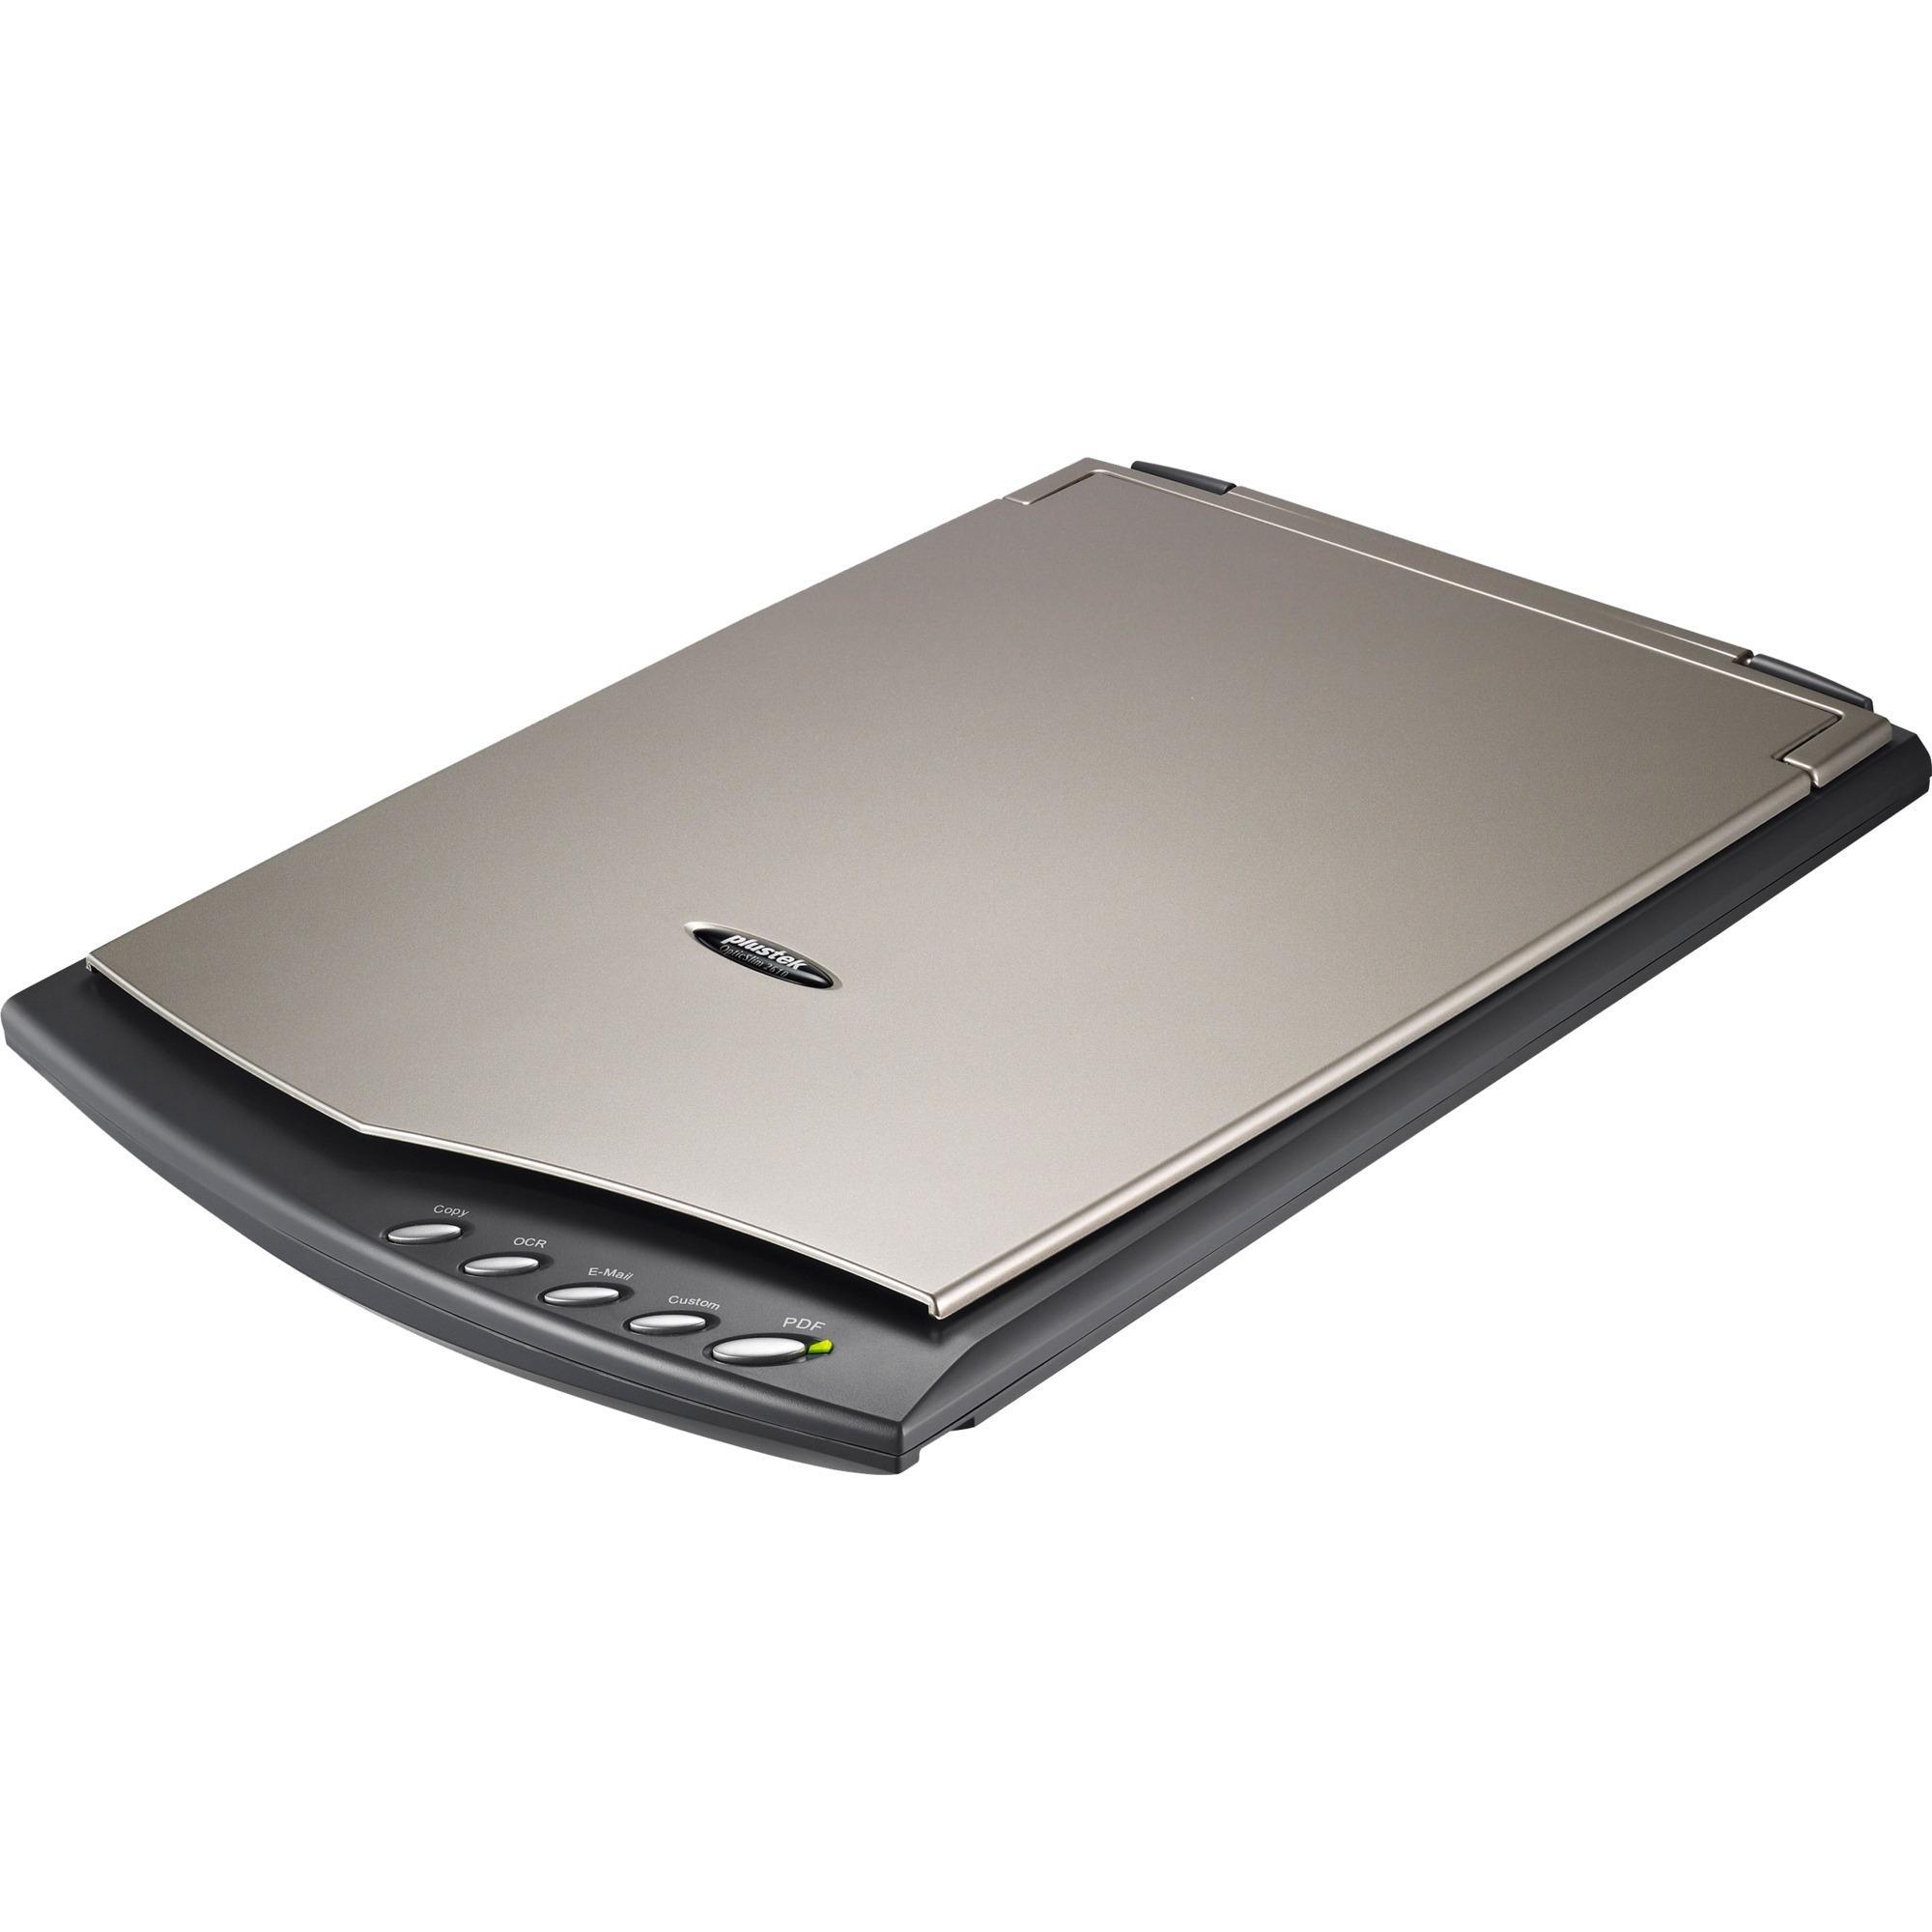 OpticSlim 2610 Escáner de cama plana 1200 x 1200DPI A4 Gris, Escáner plano